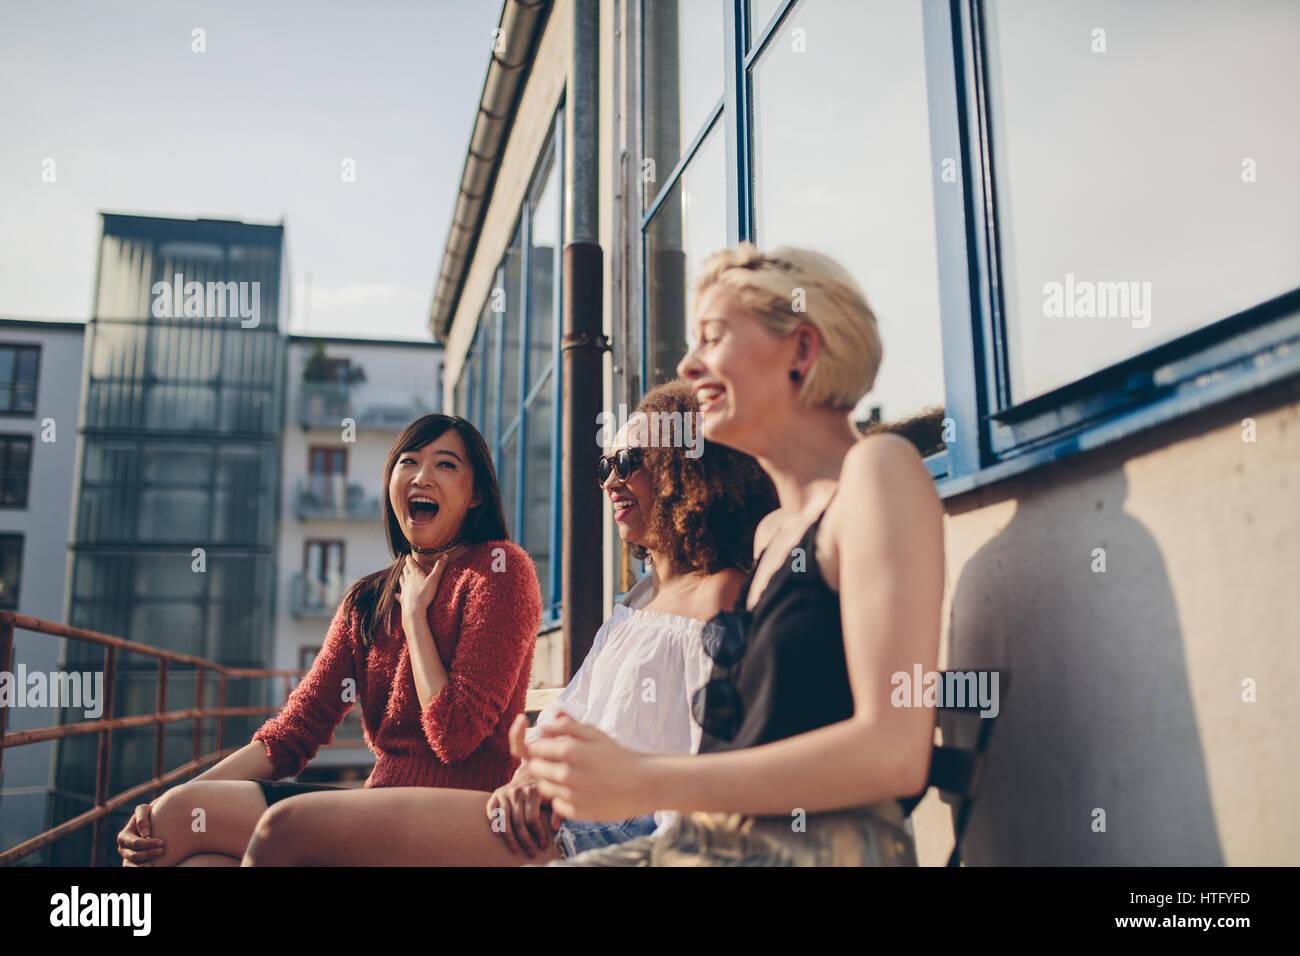 Schuss von lächelnden jungen Freundinnen zusammen auf der Terrasse sitzen. Gemischtrassig Frauen im Freien Stockbild